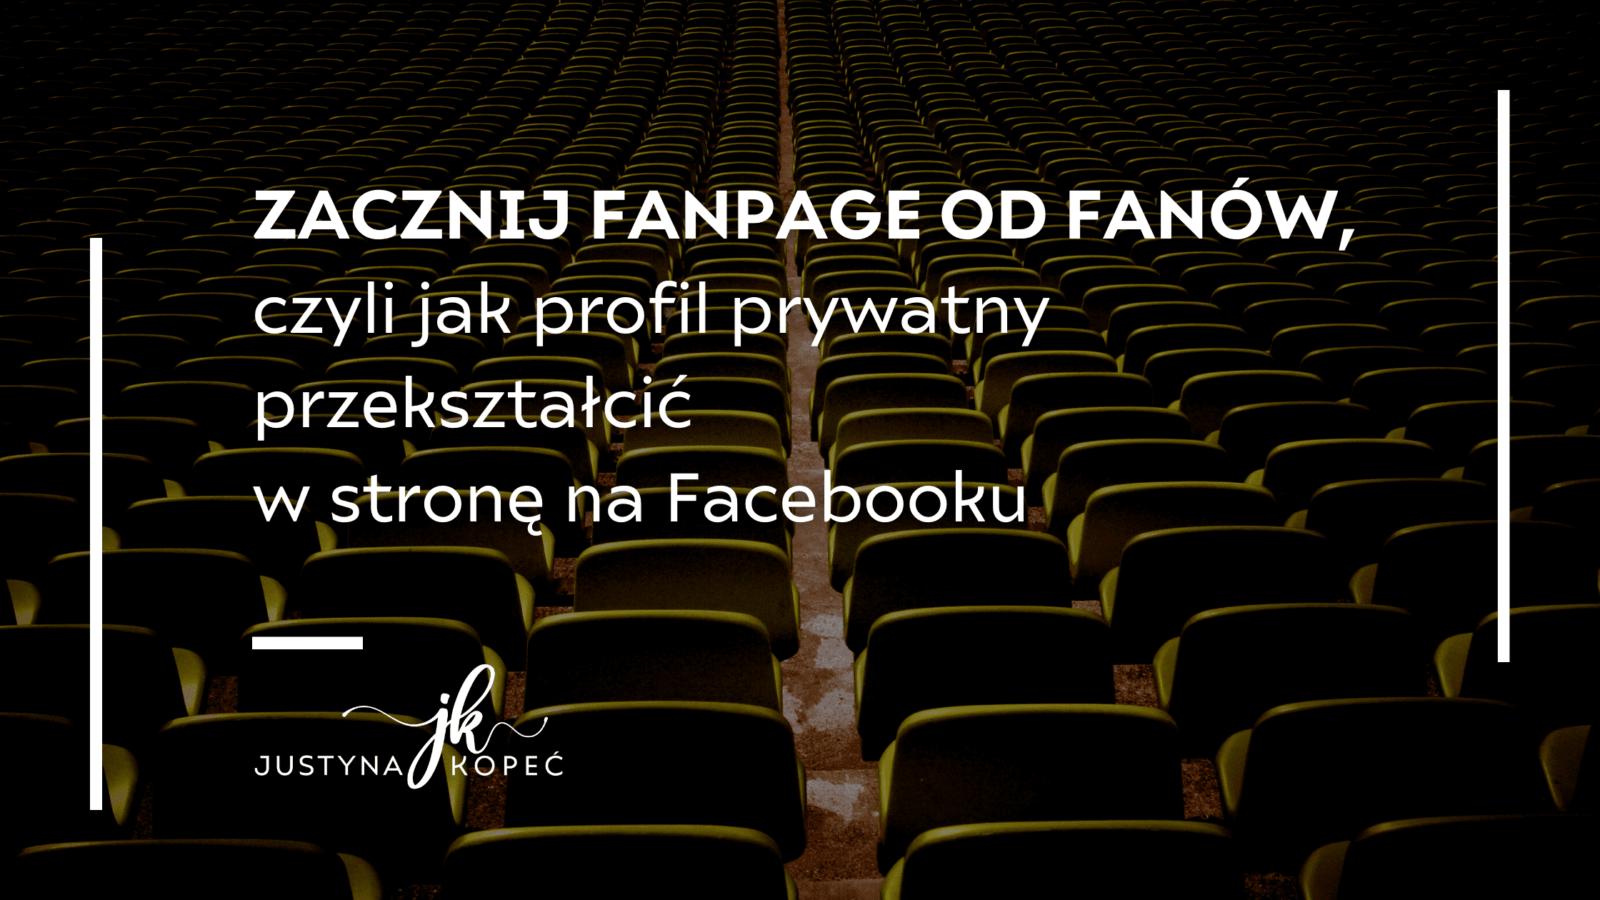 Zacznij fanpage odfanów, czyli jak profil prywatny przekształcić wstronę naFacebooku